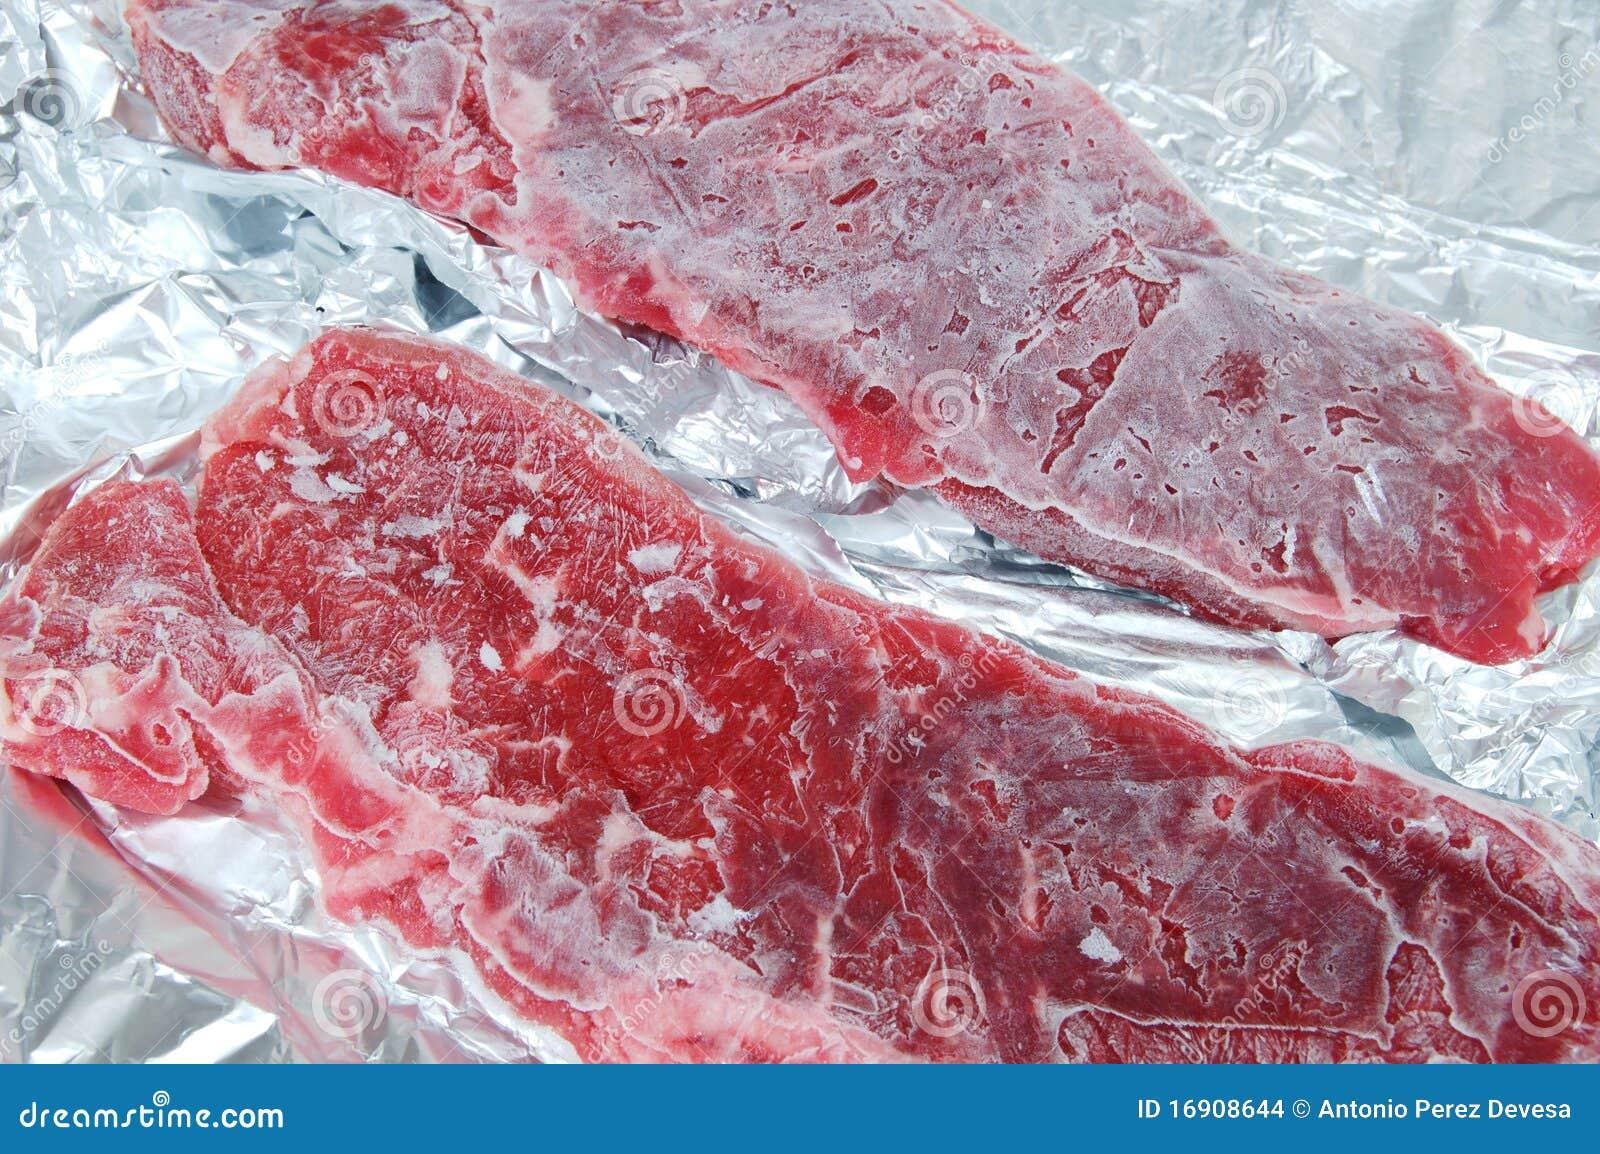 Gefrorenes Fleisch Haltbarkeit